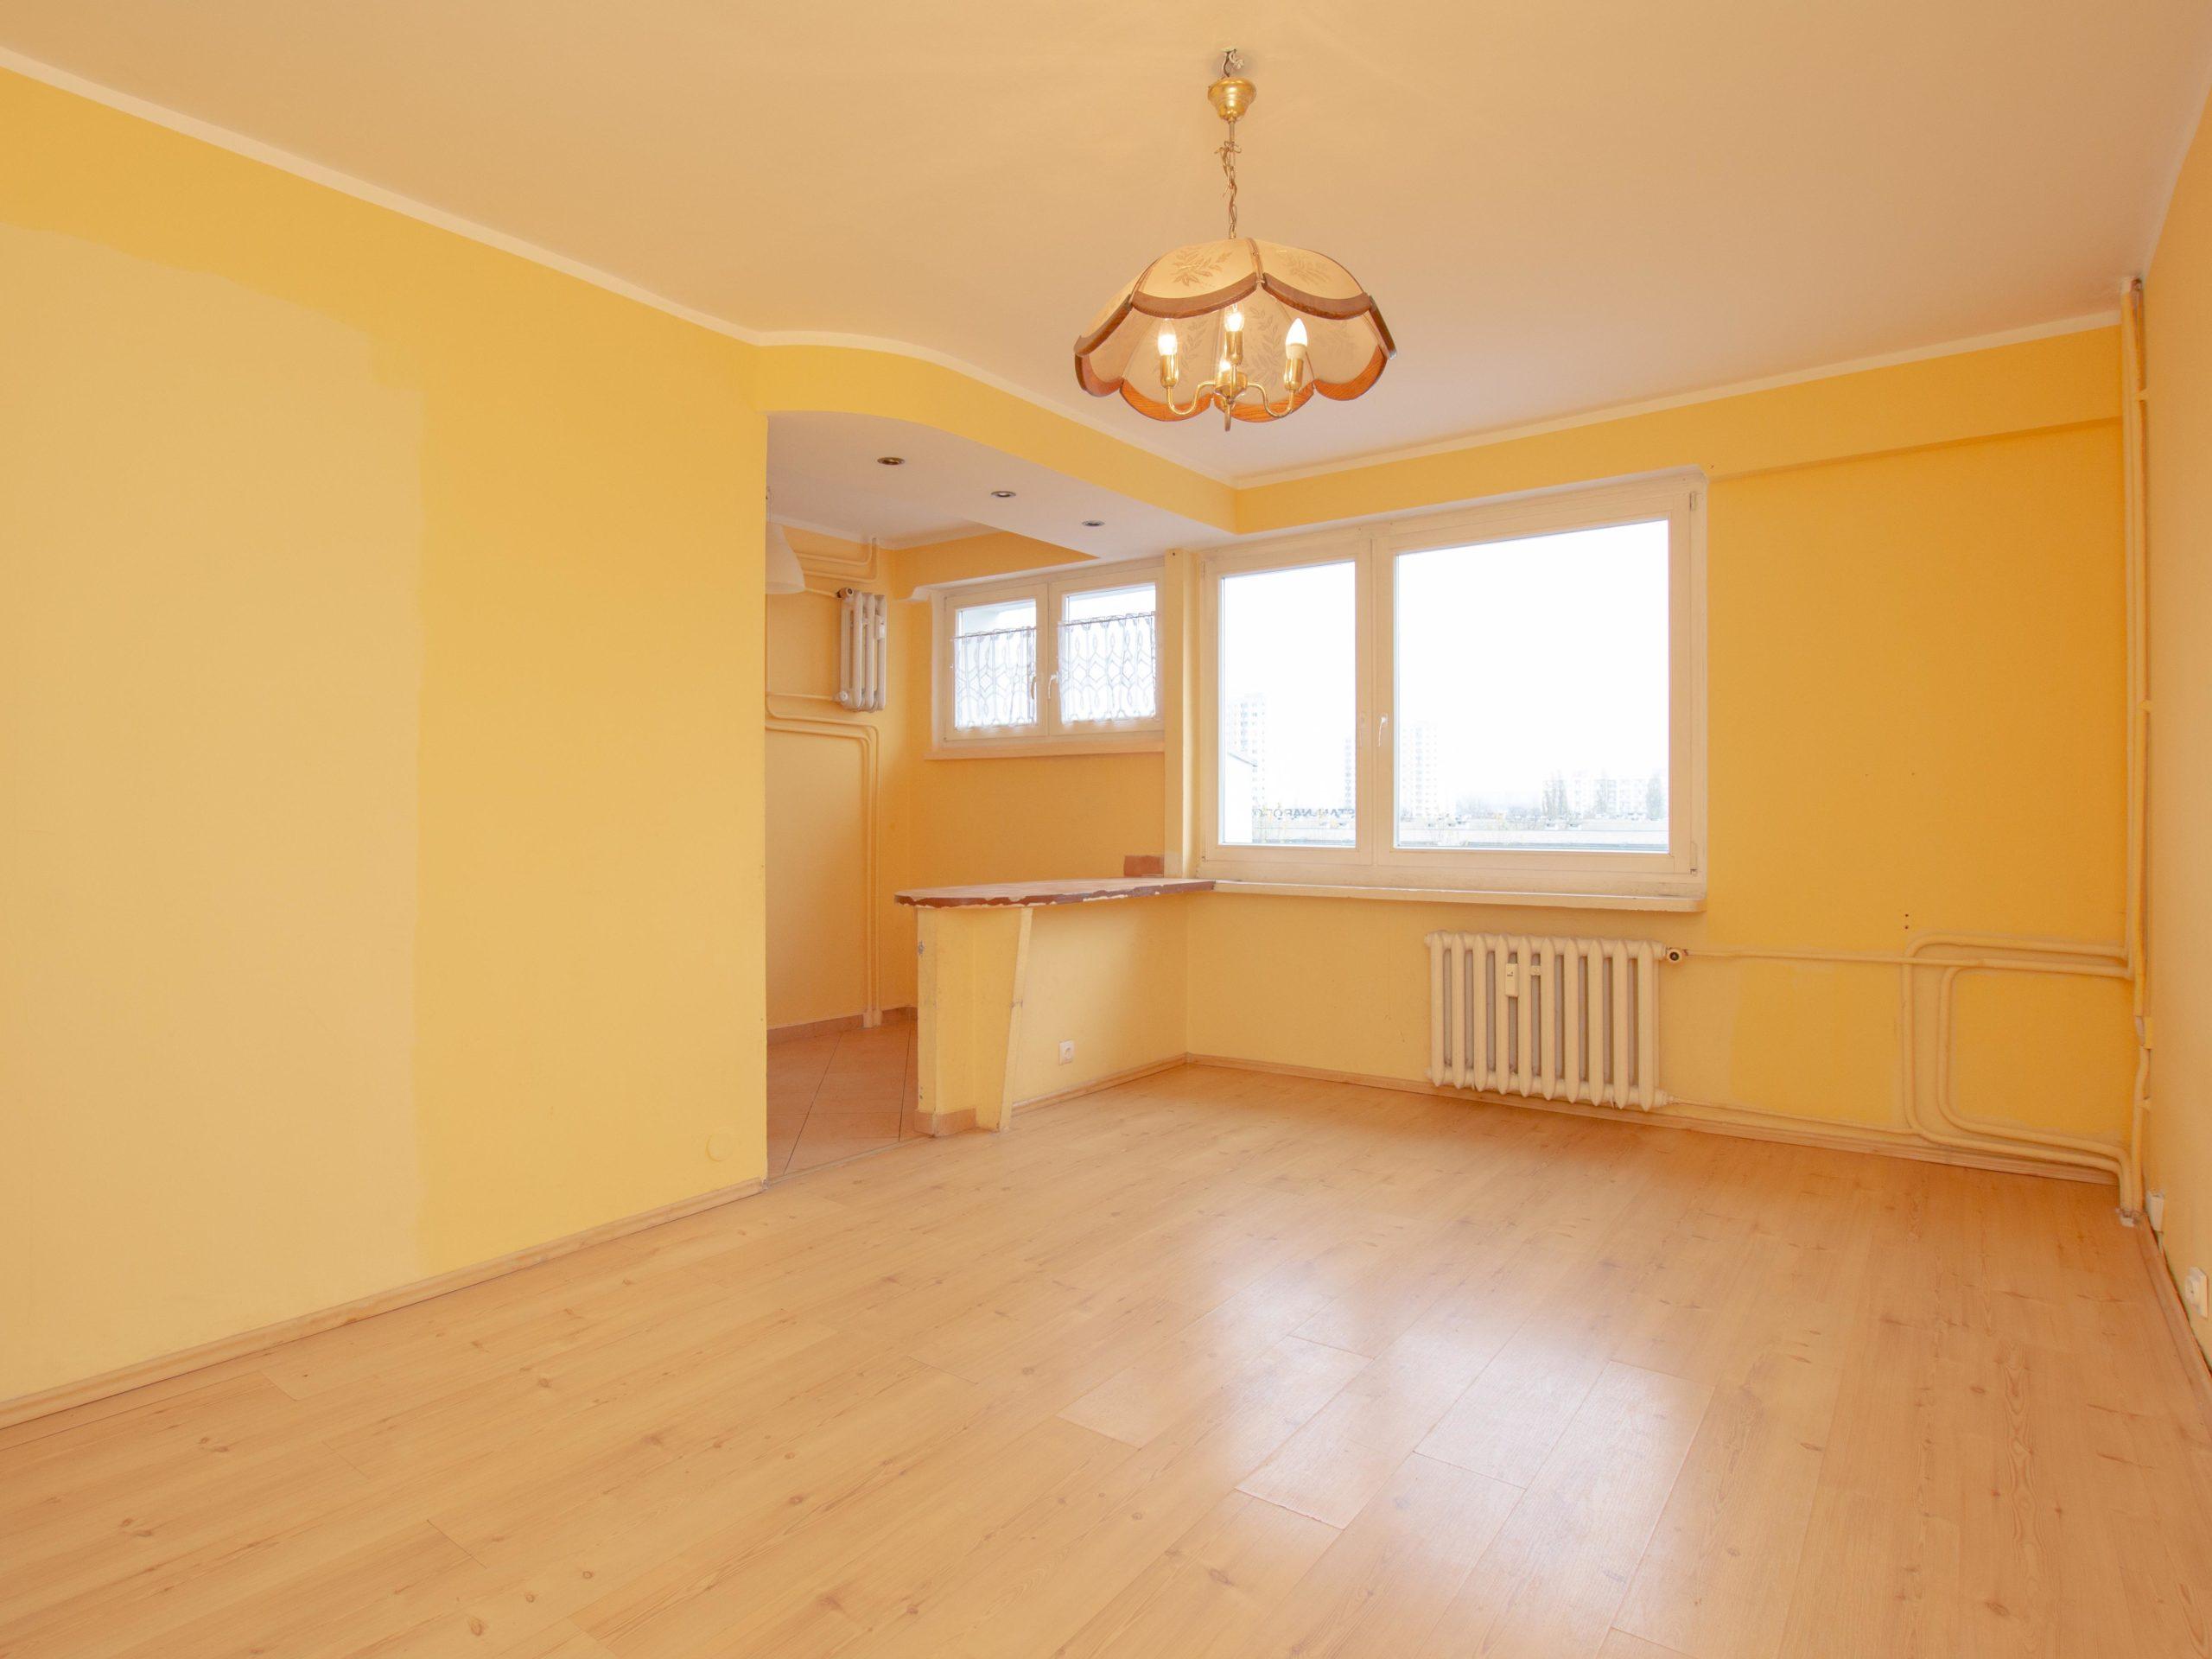 2-pokojowe mieszkanie na sprzedaż, 44 m2, Poznań, Rataje